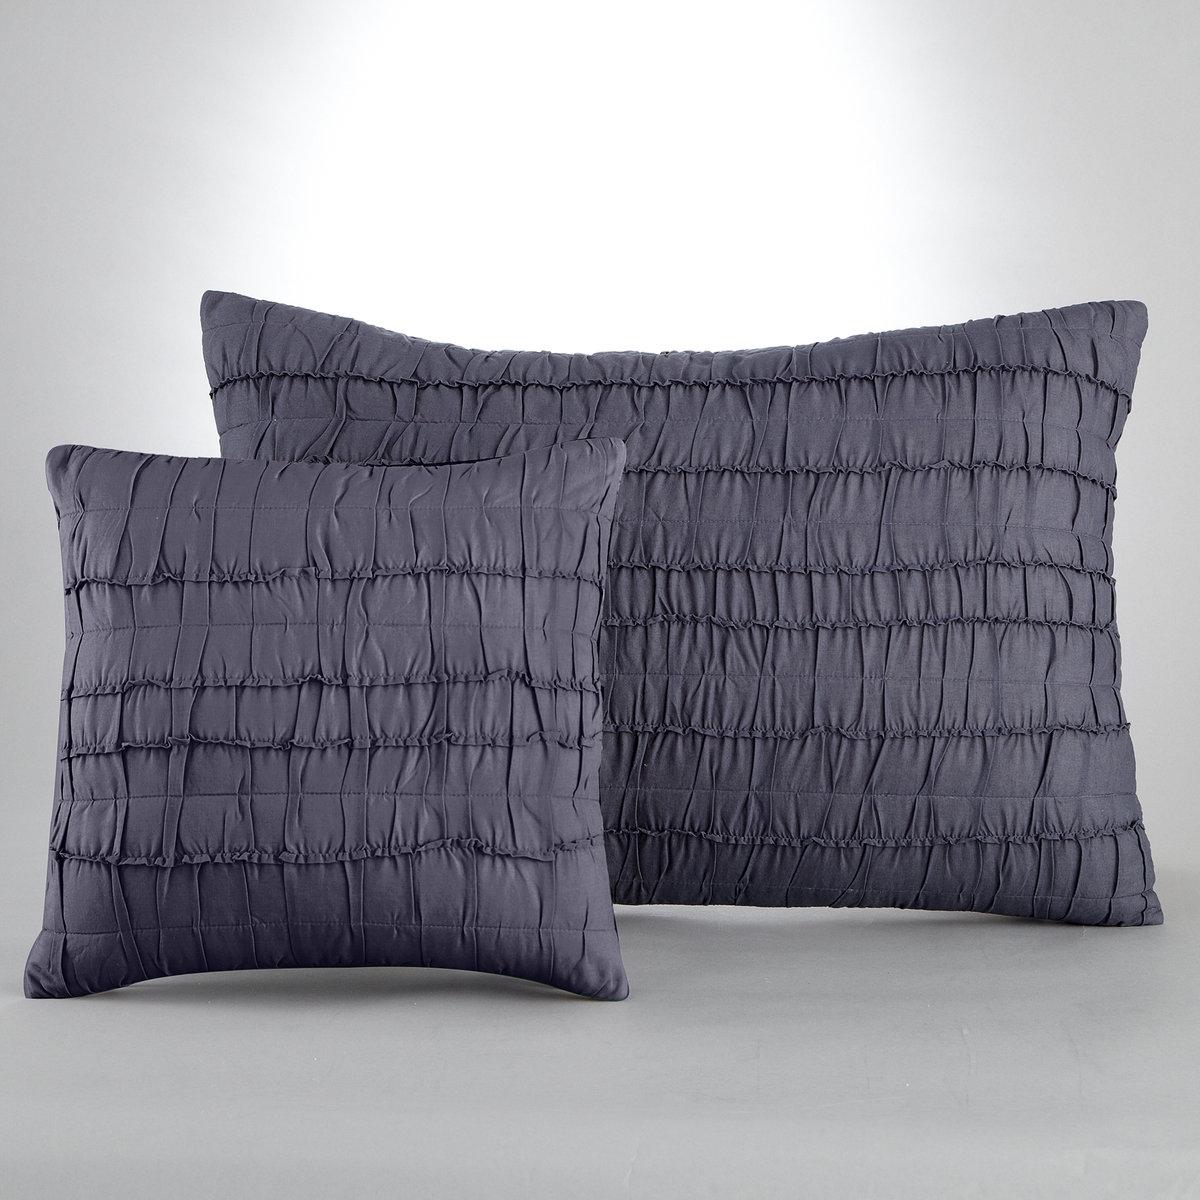 Чехол для подушки МеннаЭффект плиссировки.Характеристики:100 % хлопка (200 г/м?), 1 сторона с плиссировкой, 1 гладкая однотонная сторона, 100% хлопка. Застежка на скрытую молнию. Стирка при 40°<br><br>Цвет: сине-серый<br>Размер: 40 x 40  см.50 x 70  см